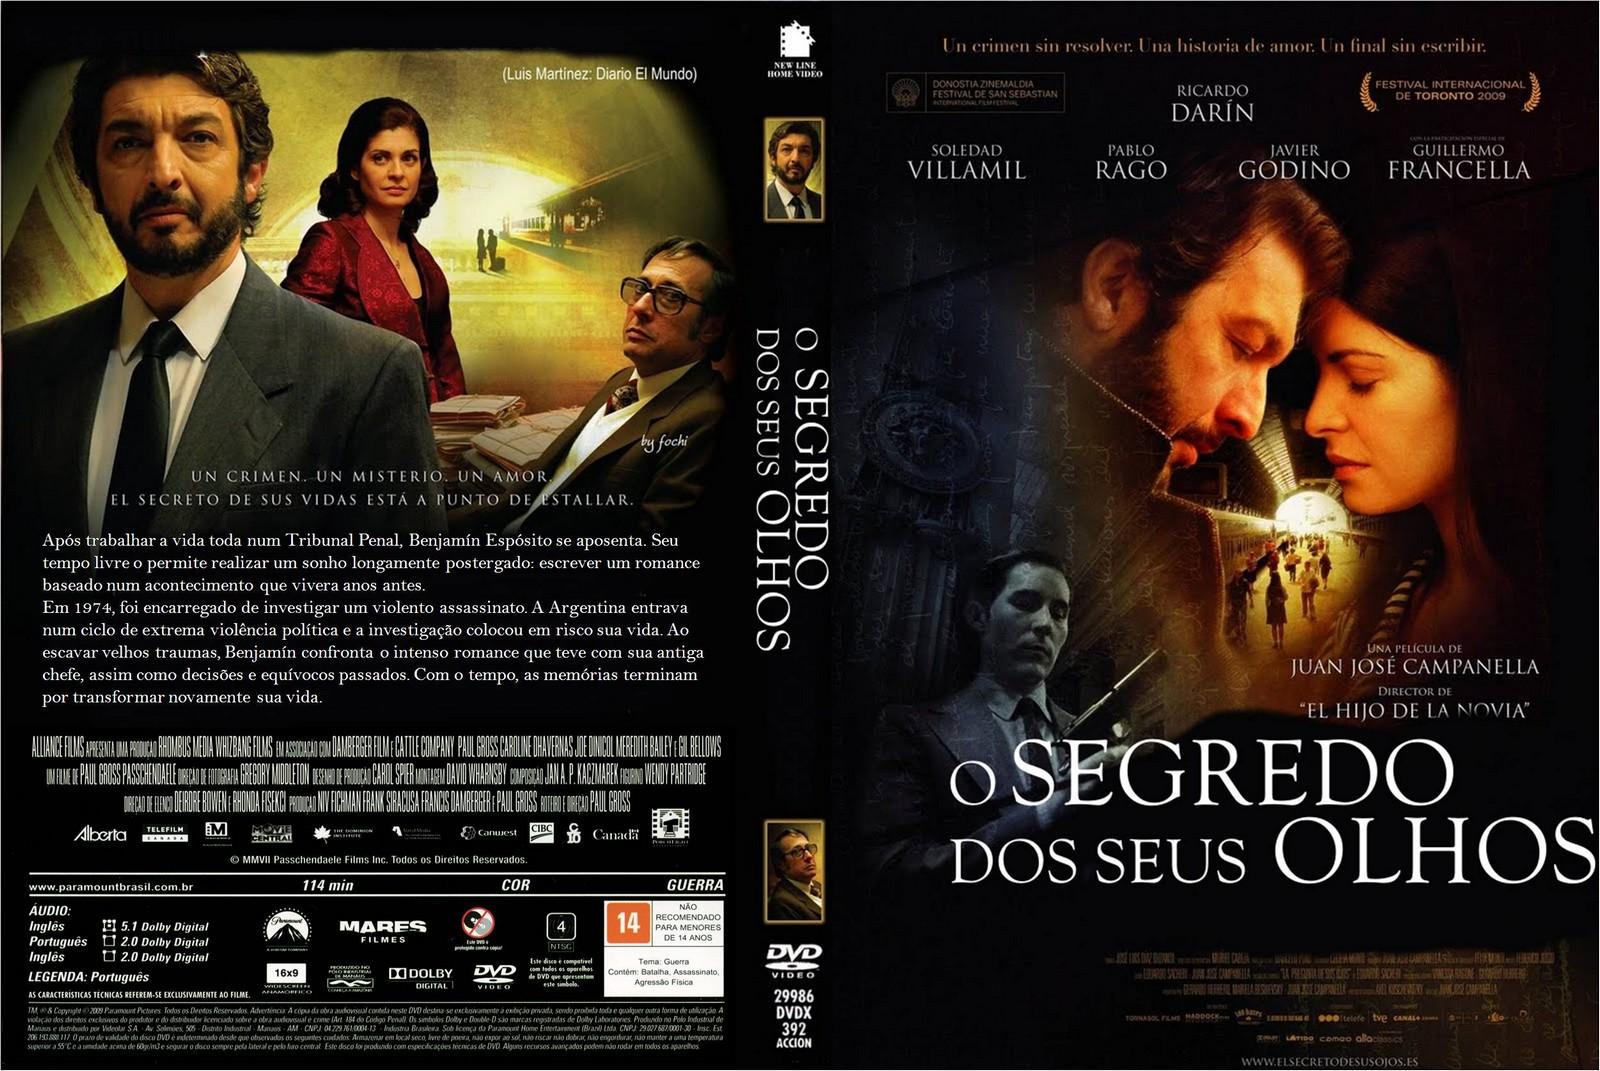 A DINHEIRO AVI FILME COR DO BAIXAR DUBLADO